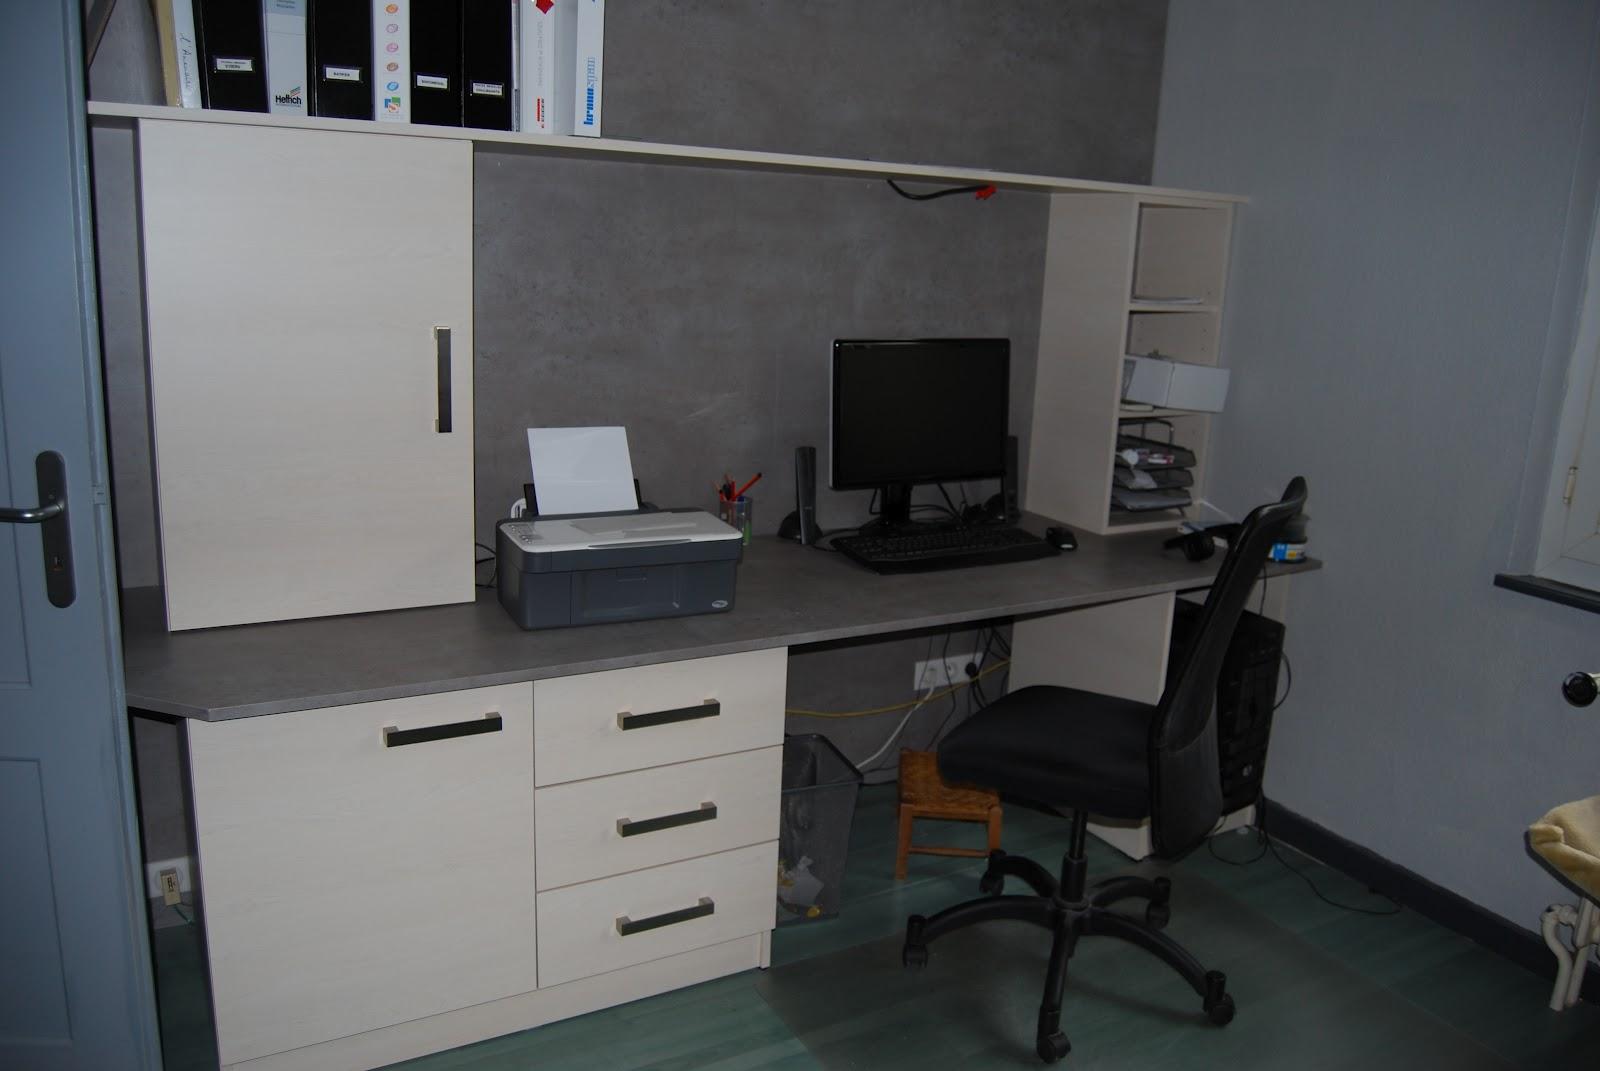 menuiserie grotzinger bureau placard et biblioth que sur mesure. Black Bedroom Furniture Sets. Home Design Ideas